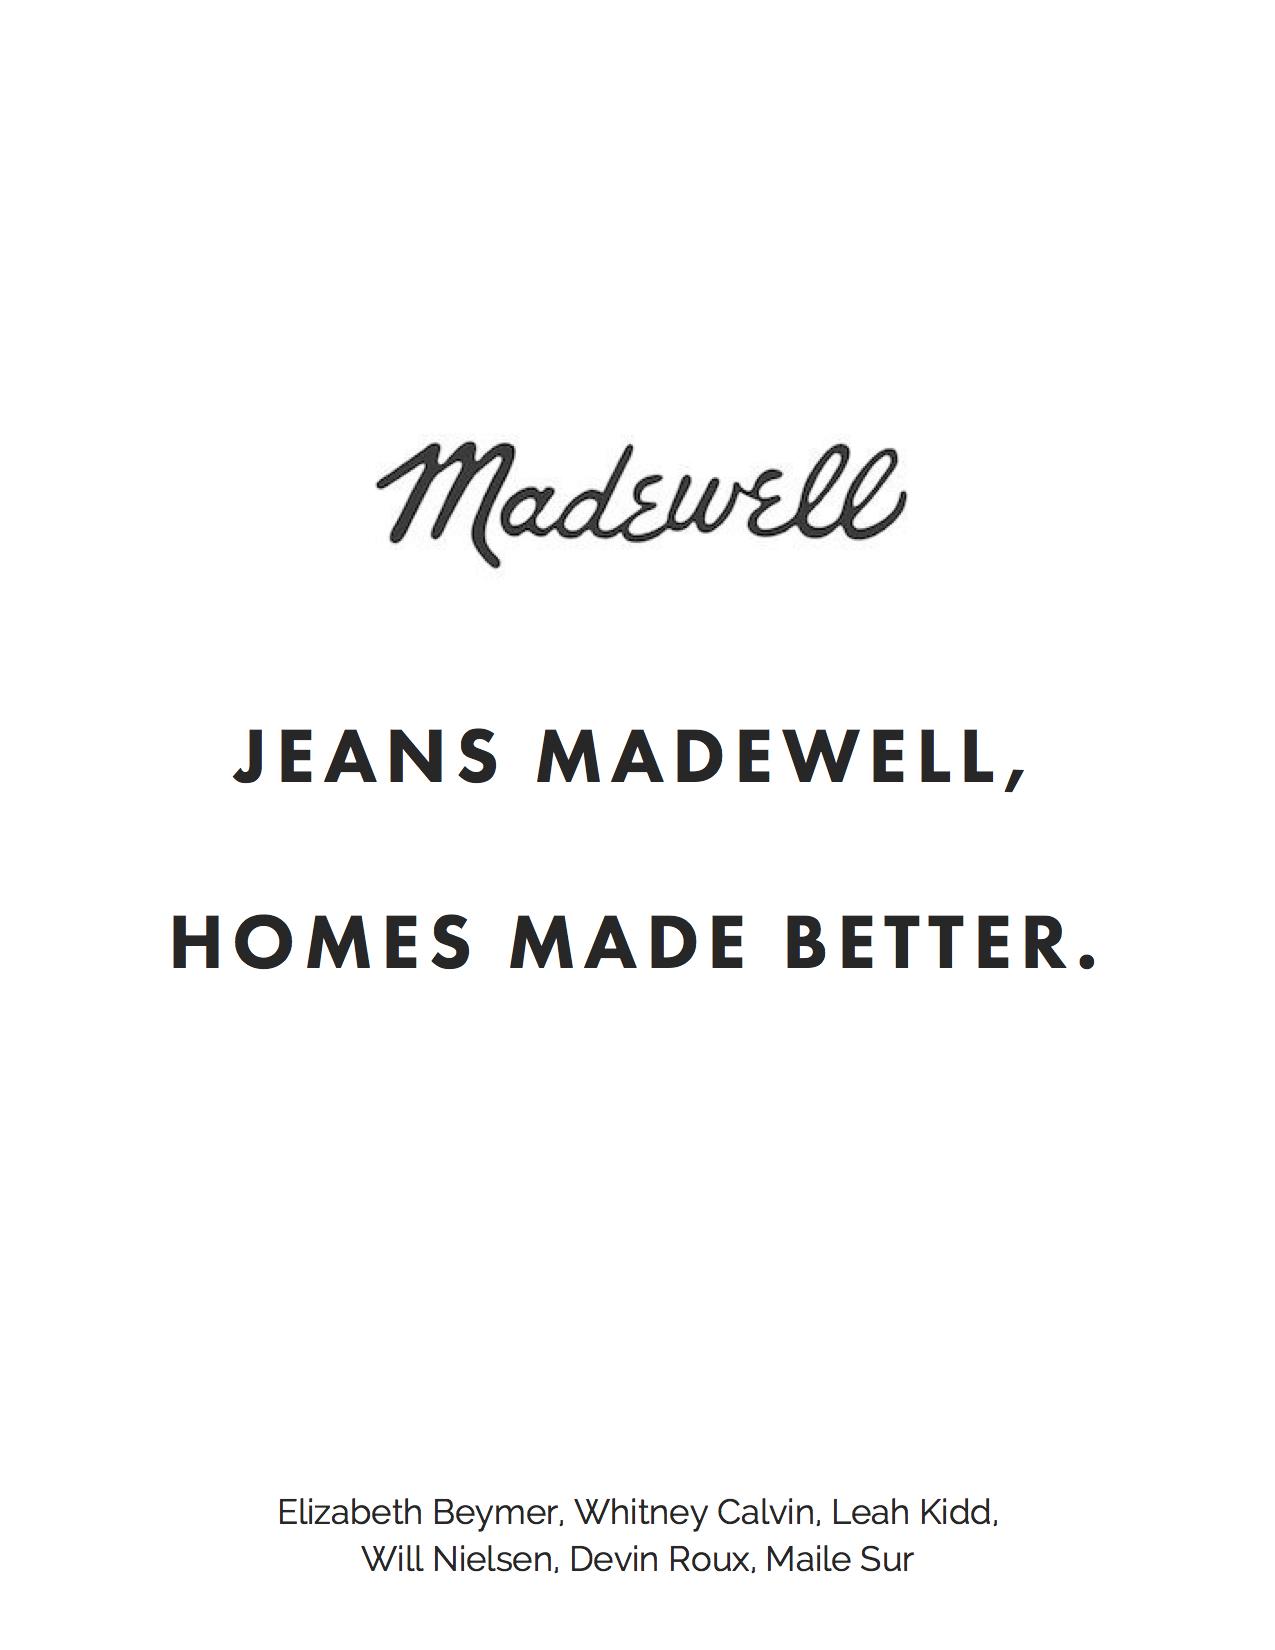 Madewell1.jpg